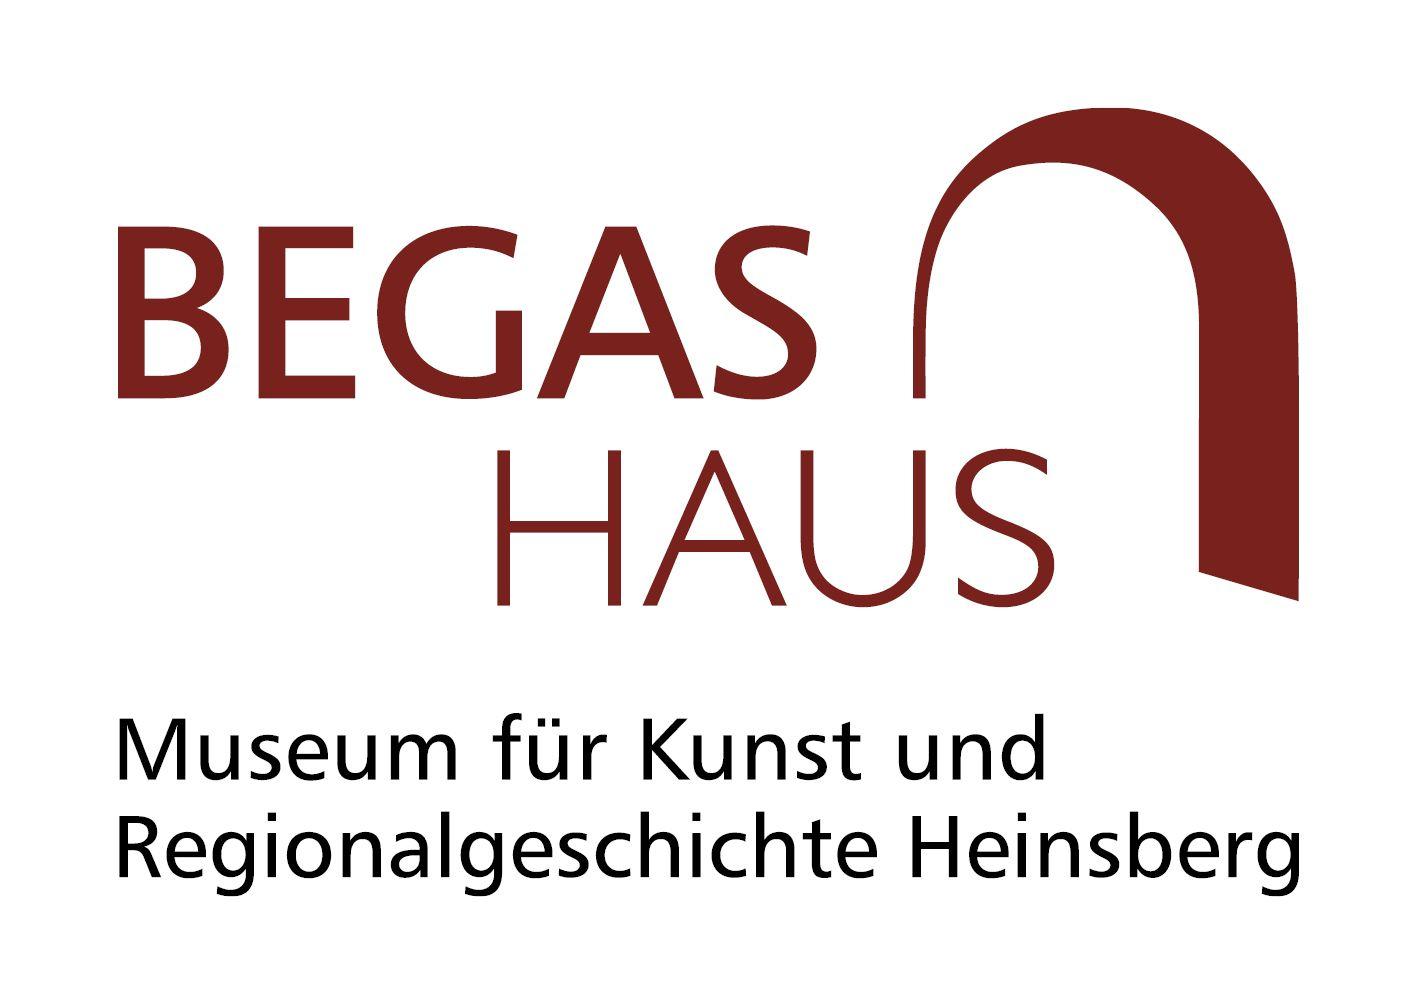 Logo-Begas-Haus_10cm_300dpi